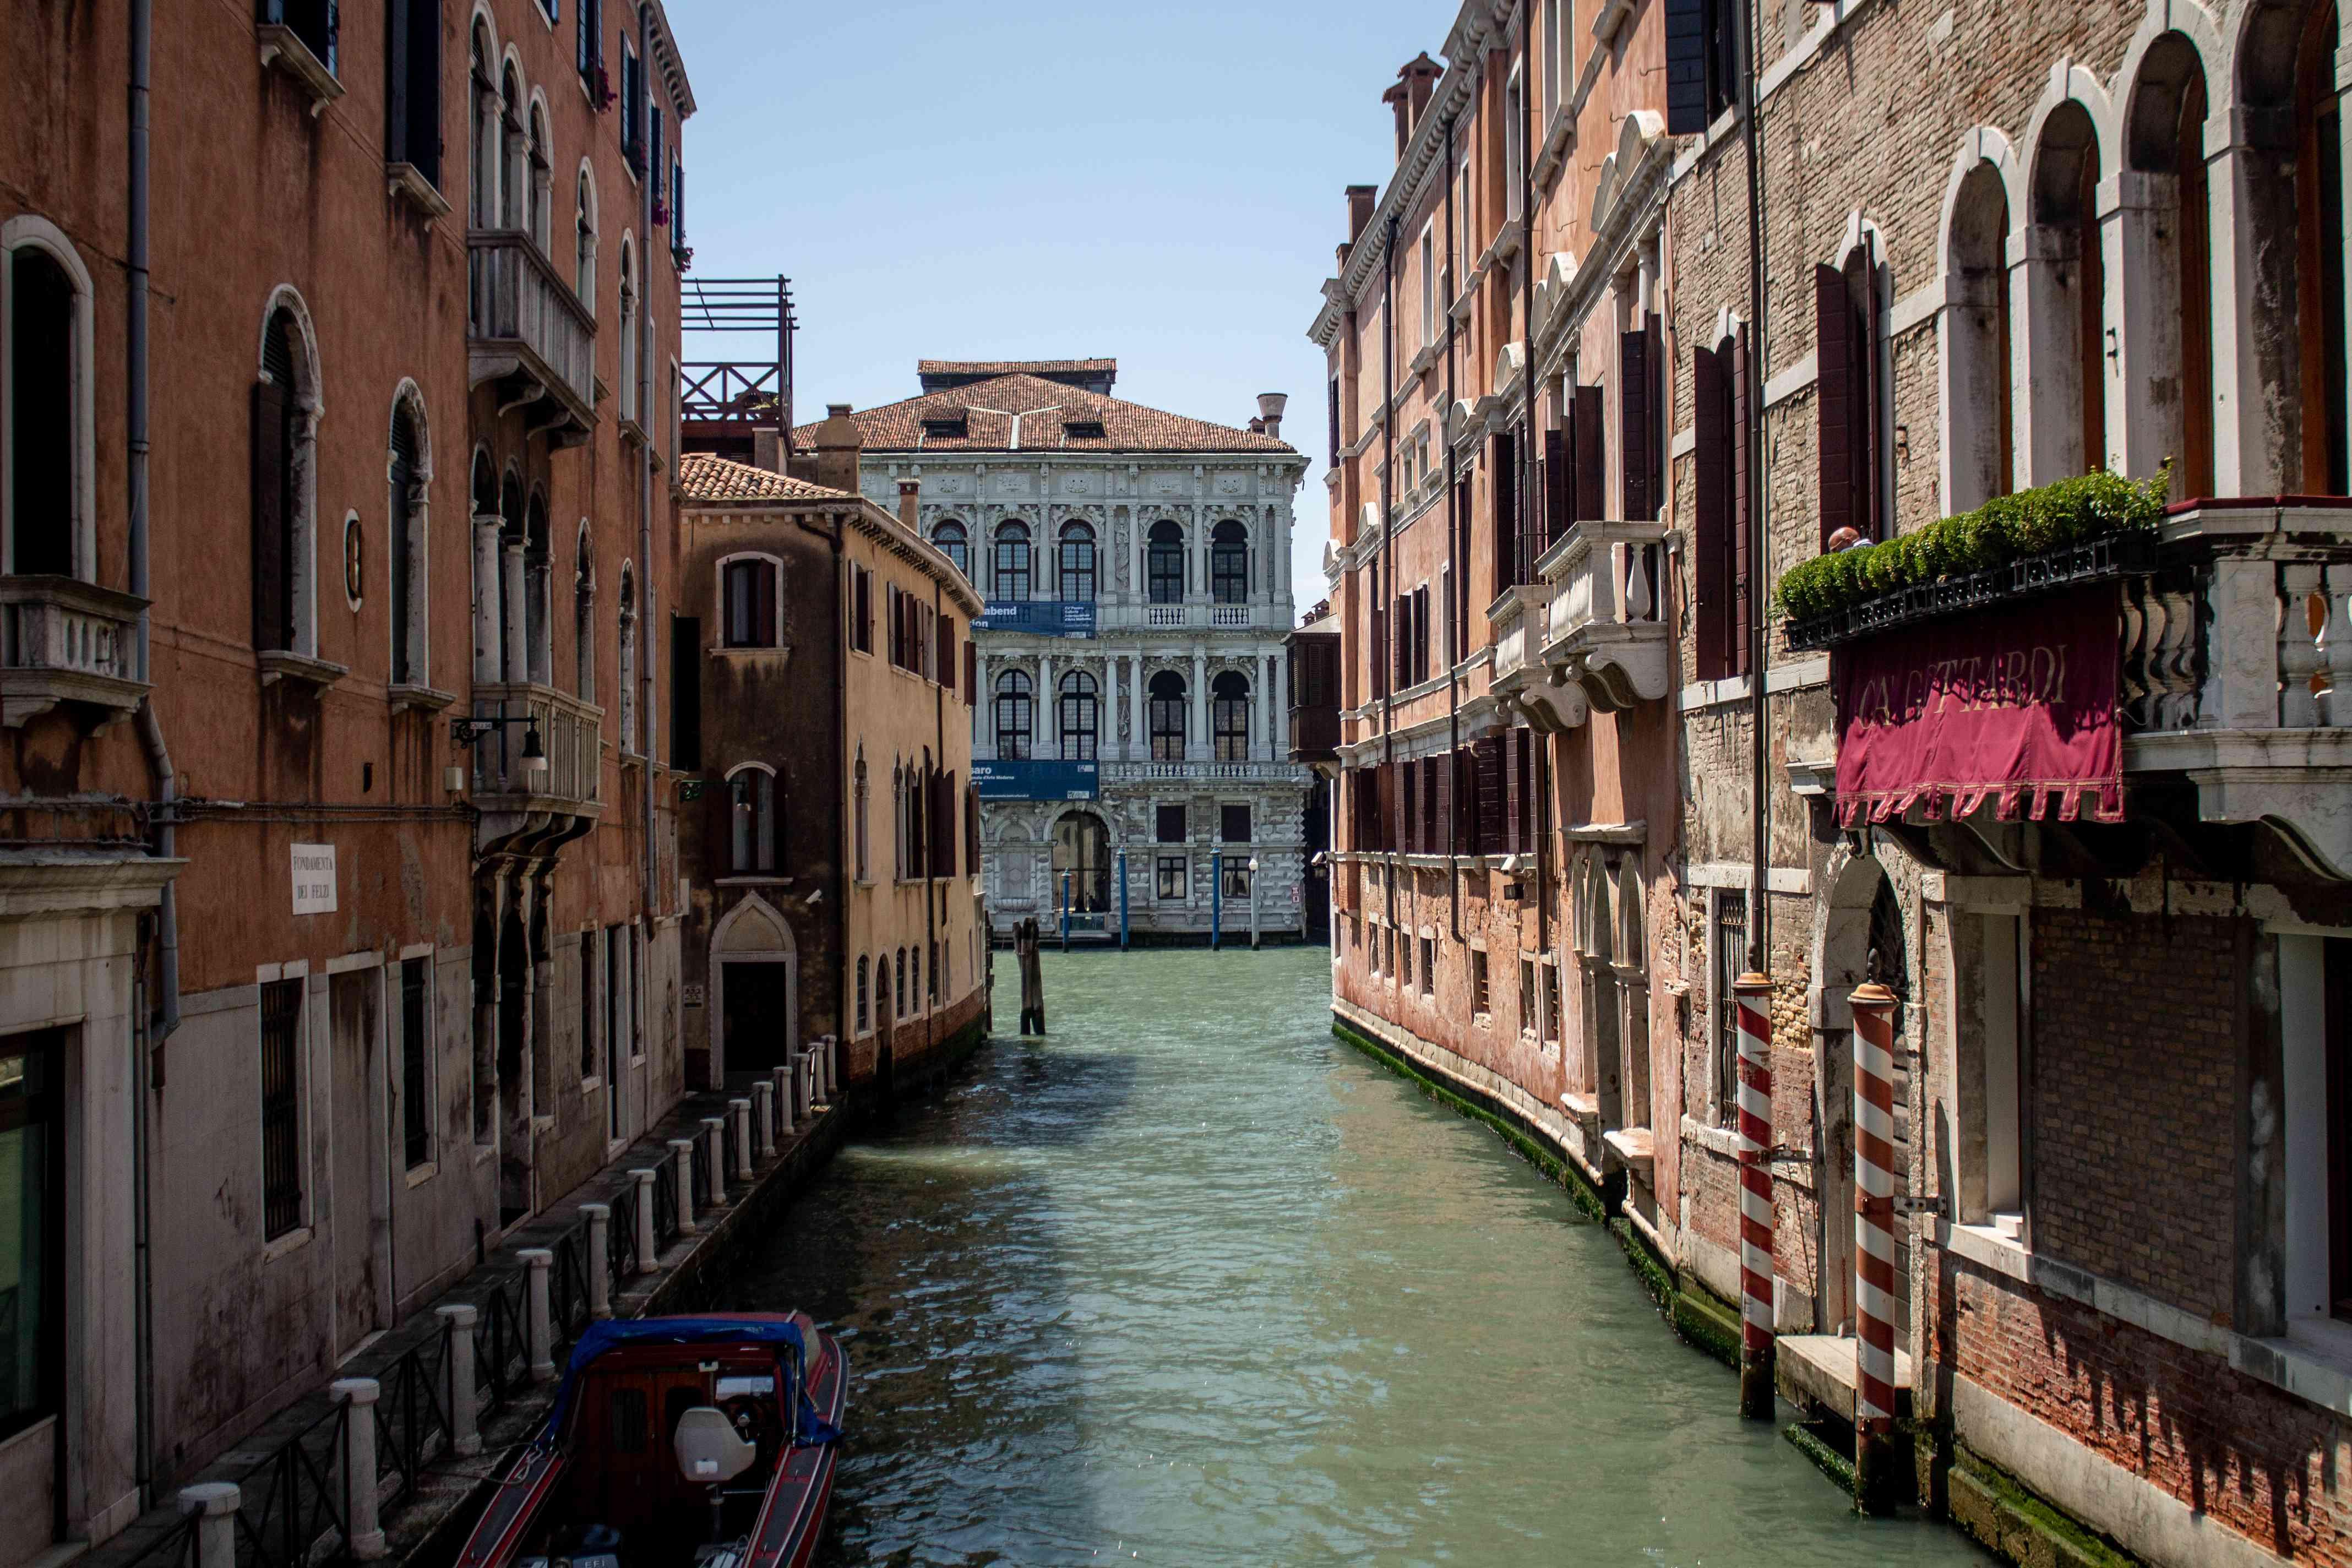 Vista de canales en Venecia